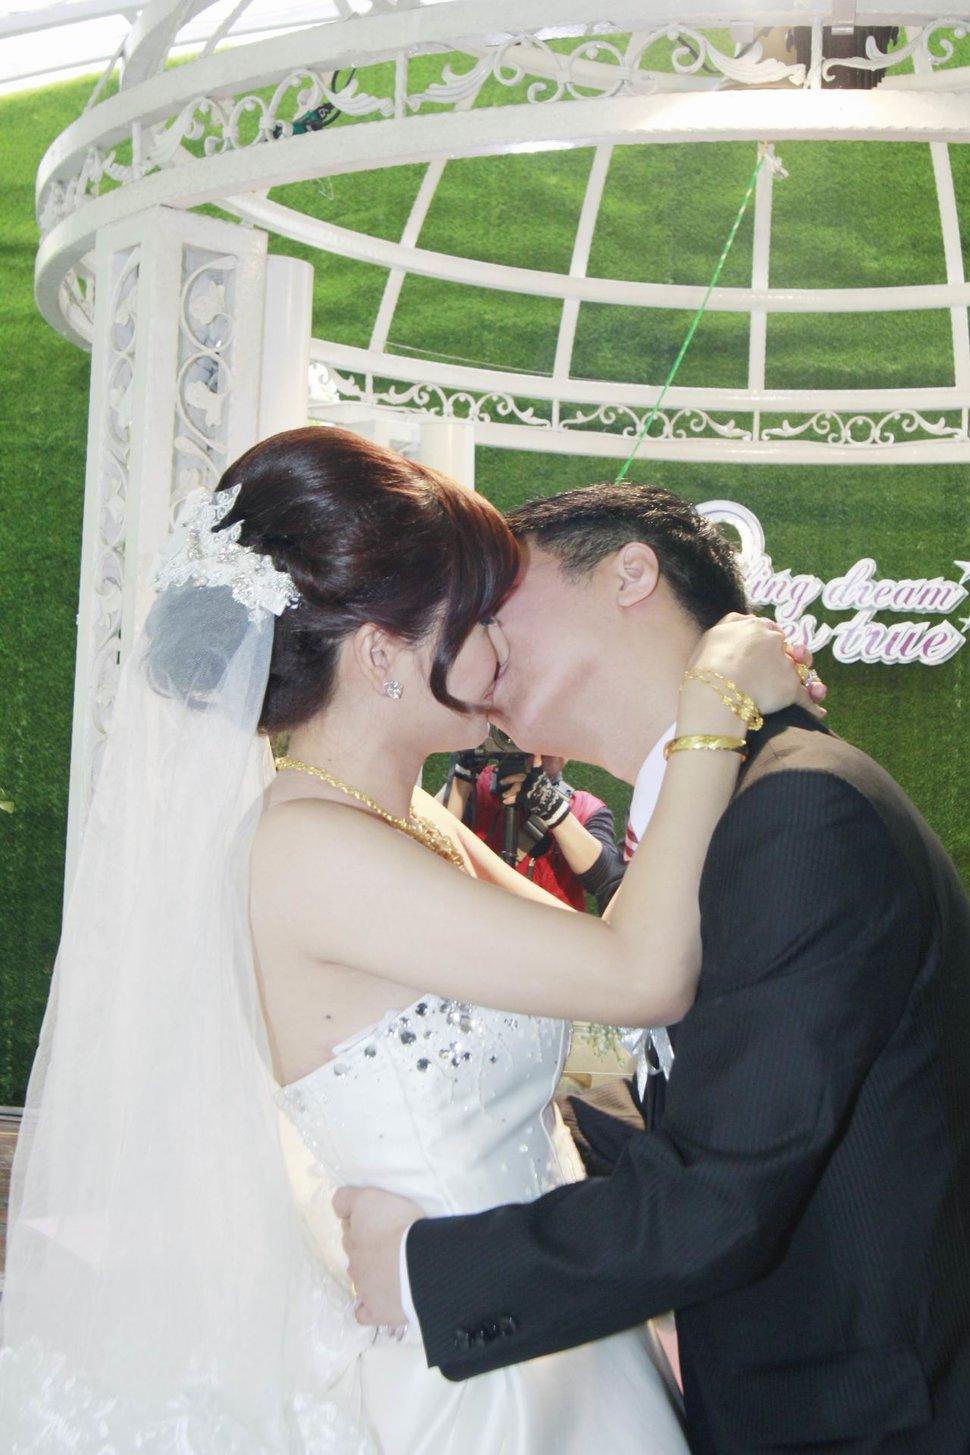 青青食尚花園會館婚禮記錄結婚迎娶婚禮記錄動態微電影錄影專業錄影平面攝影婚紗攝攝影婚禮主持人(編號:196757) - 蜜月拍照10800錄影12800攝影團隊 - 結婚吧